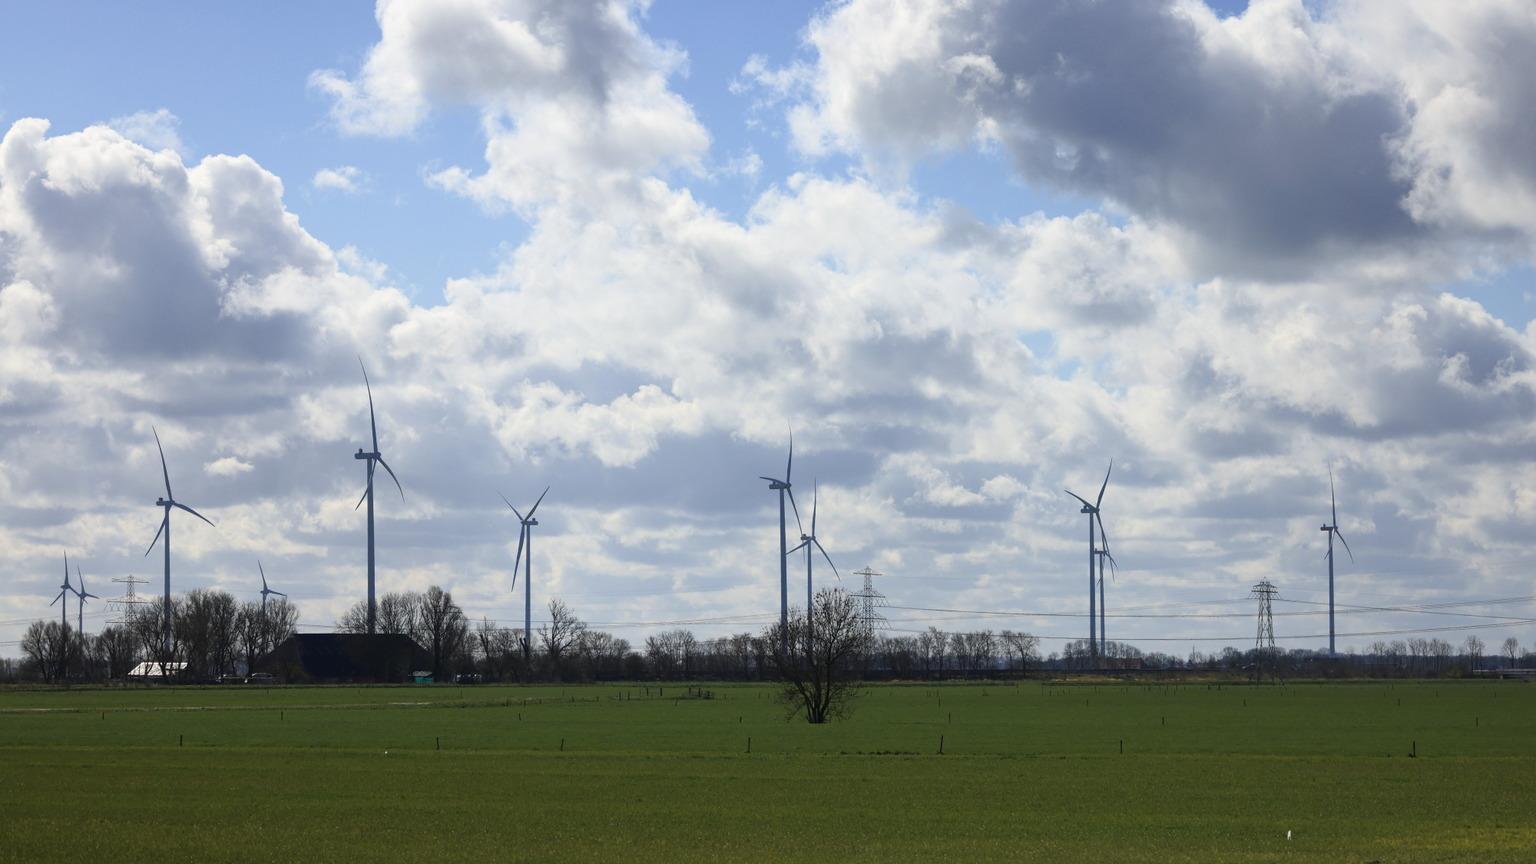 Donkere wolken. - Donkere wolken boven de vele windmolens van Geefsweer. - foto door jaapdekker op 13-04-2021 - locatie: 9937 TC Geefsweer, Nederland - deze foto bevat: wolken, geefsweer, wolk, lucht, windmolen, fabriek, windmolenpark, natuurlijk landschap, elektriciteit, windturbine, land veel, boom